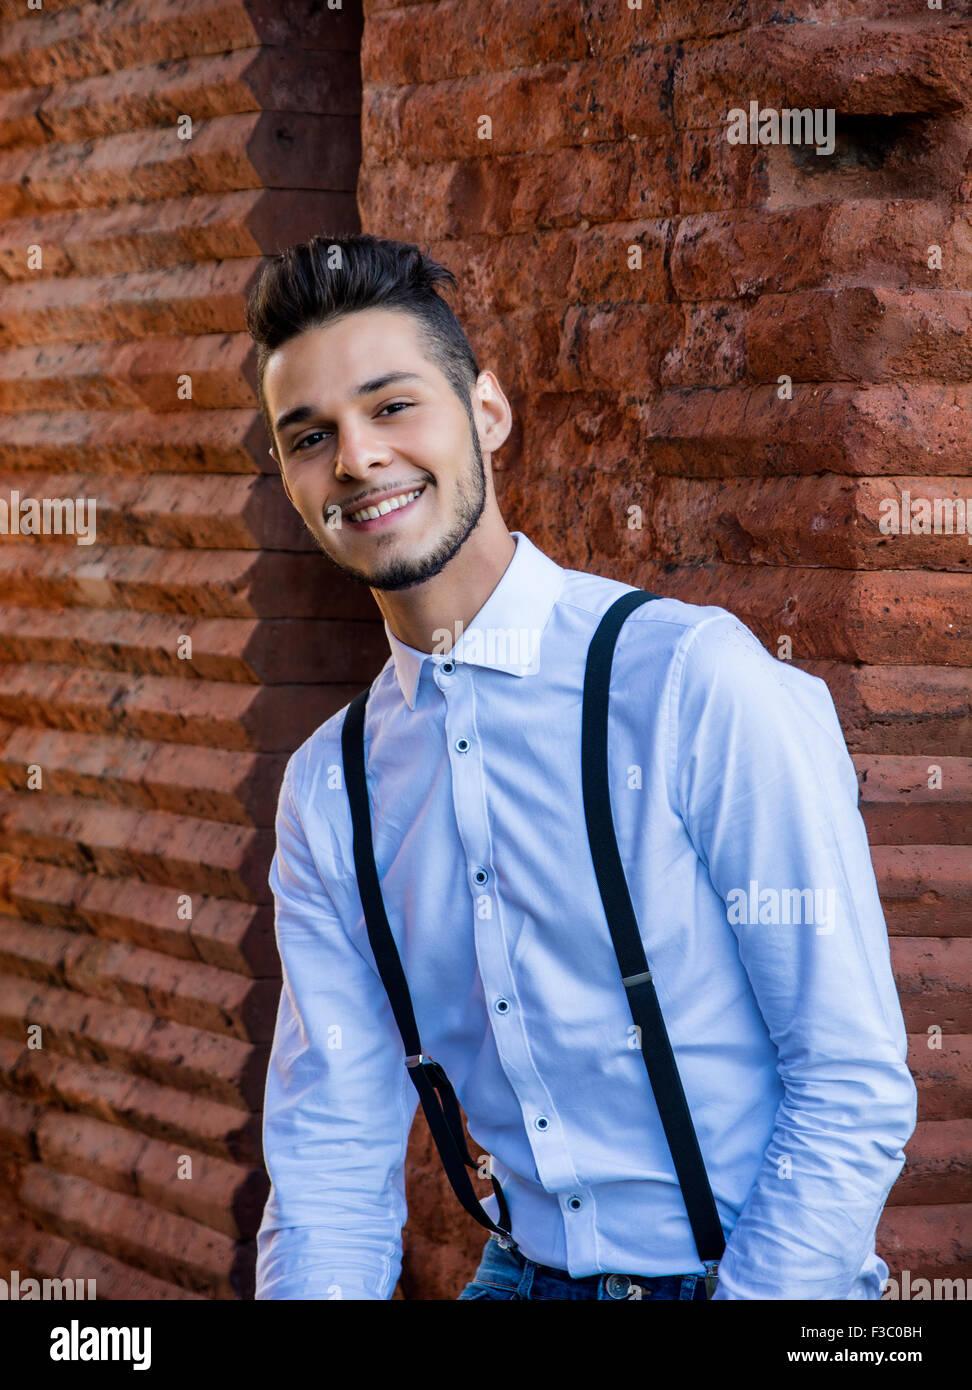 Attraente giovane uomo seduto contro un muro di mattoni, guardando la telecamera sorridendo. Tre quarti shot Immagini Stock